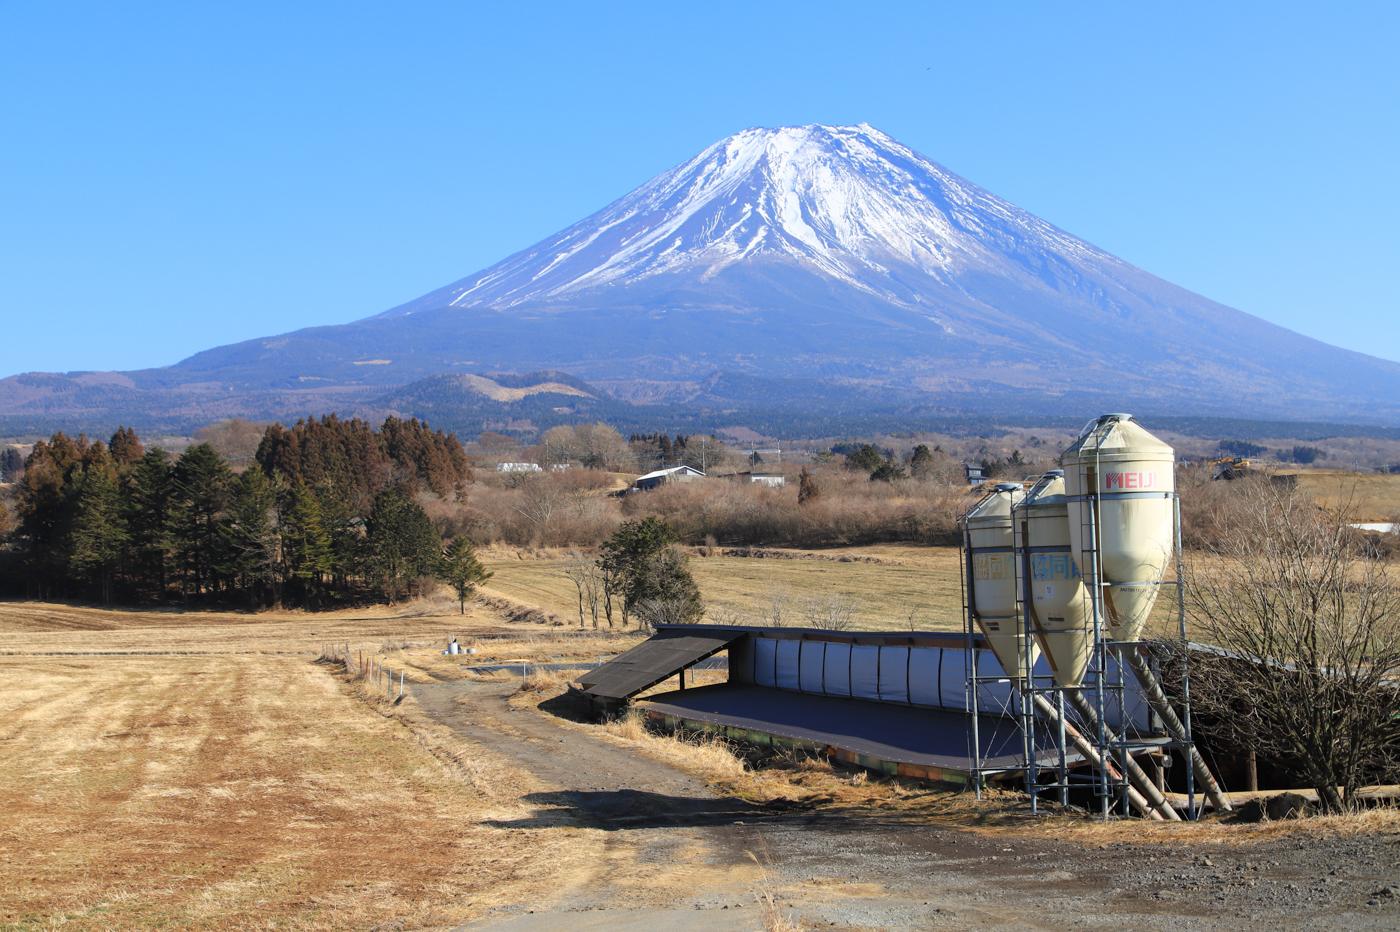 fuji-28.jpg